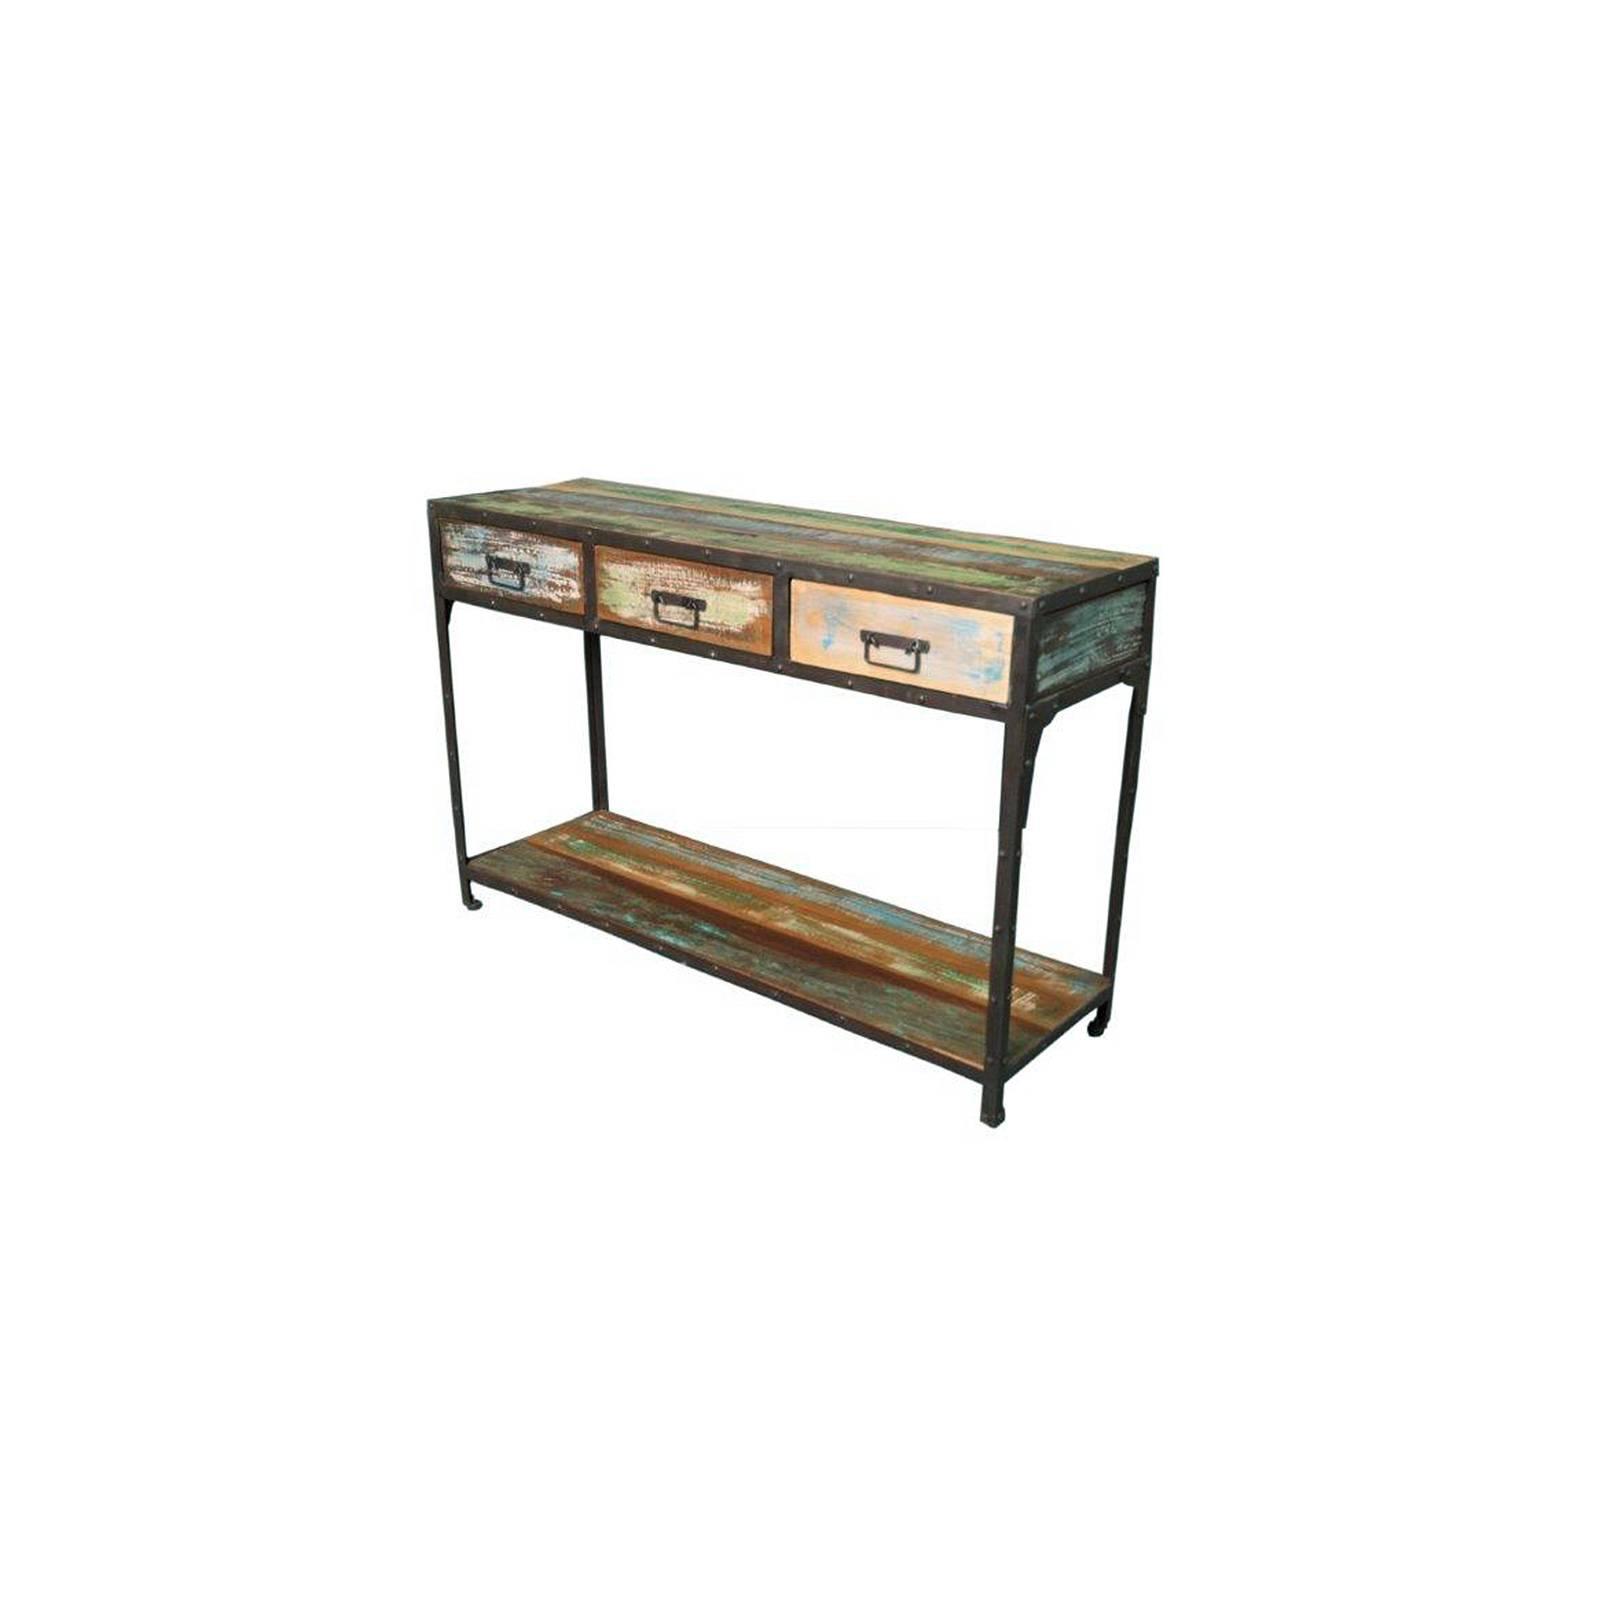 Console en bois recyclé : tendance rétro pour la maison